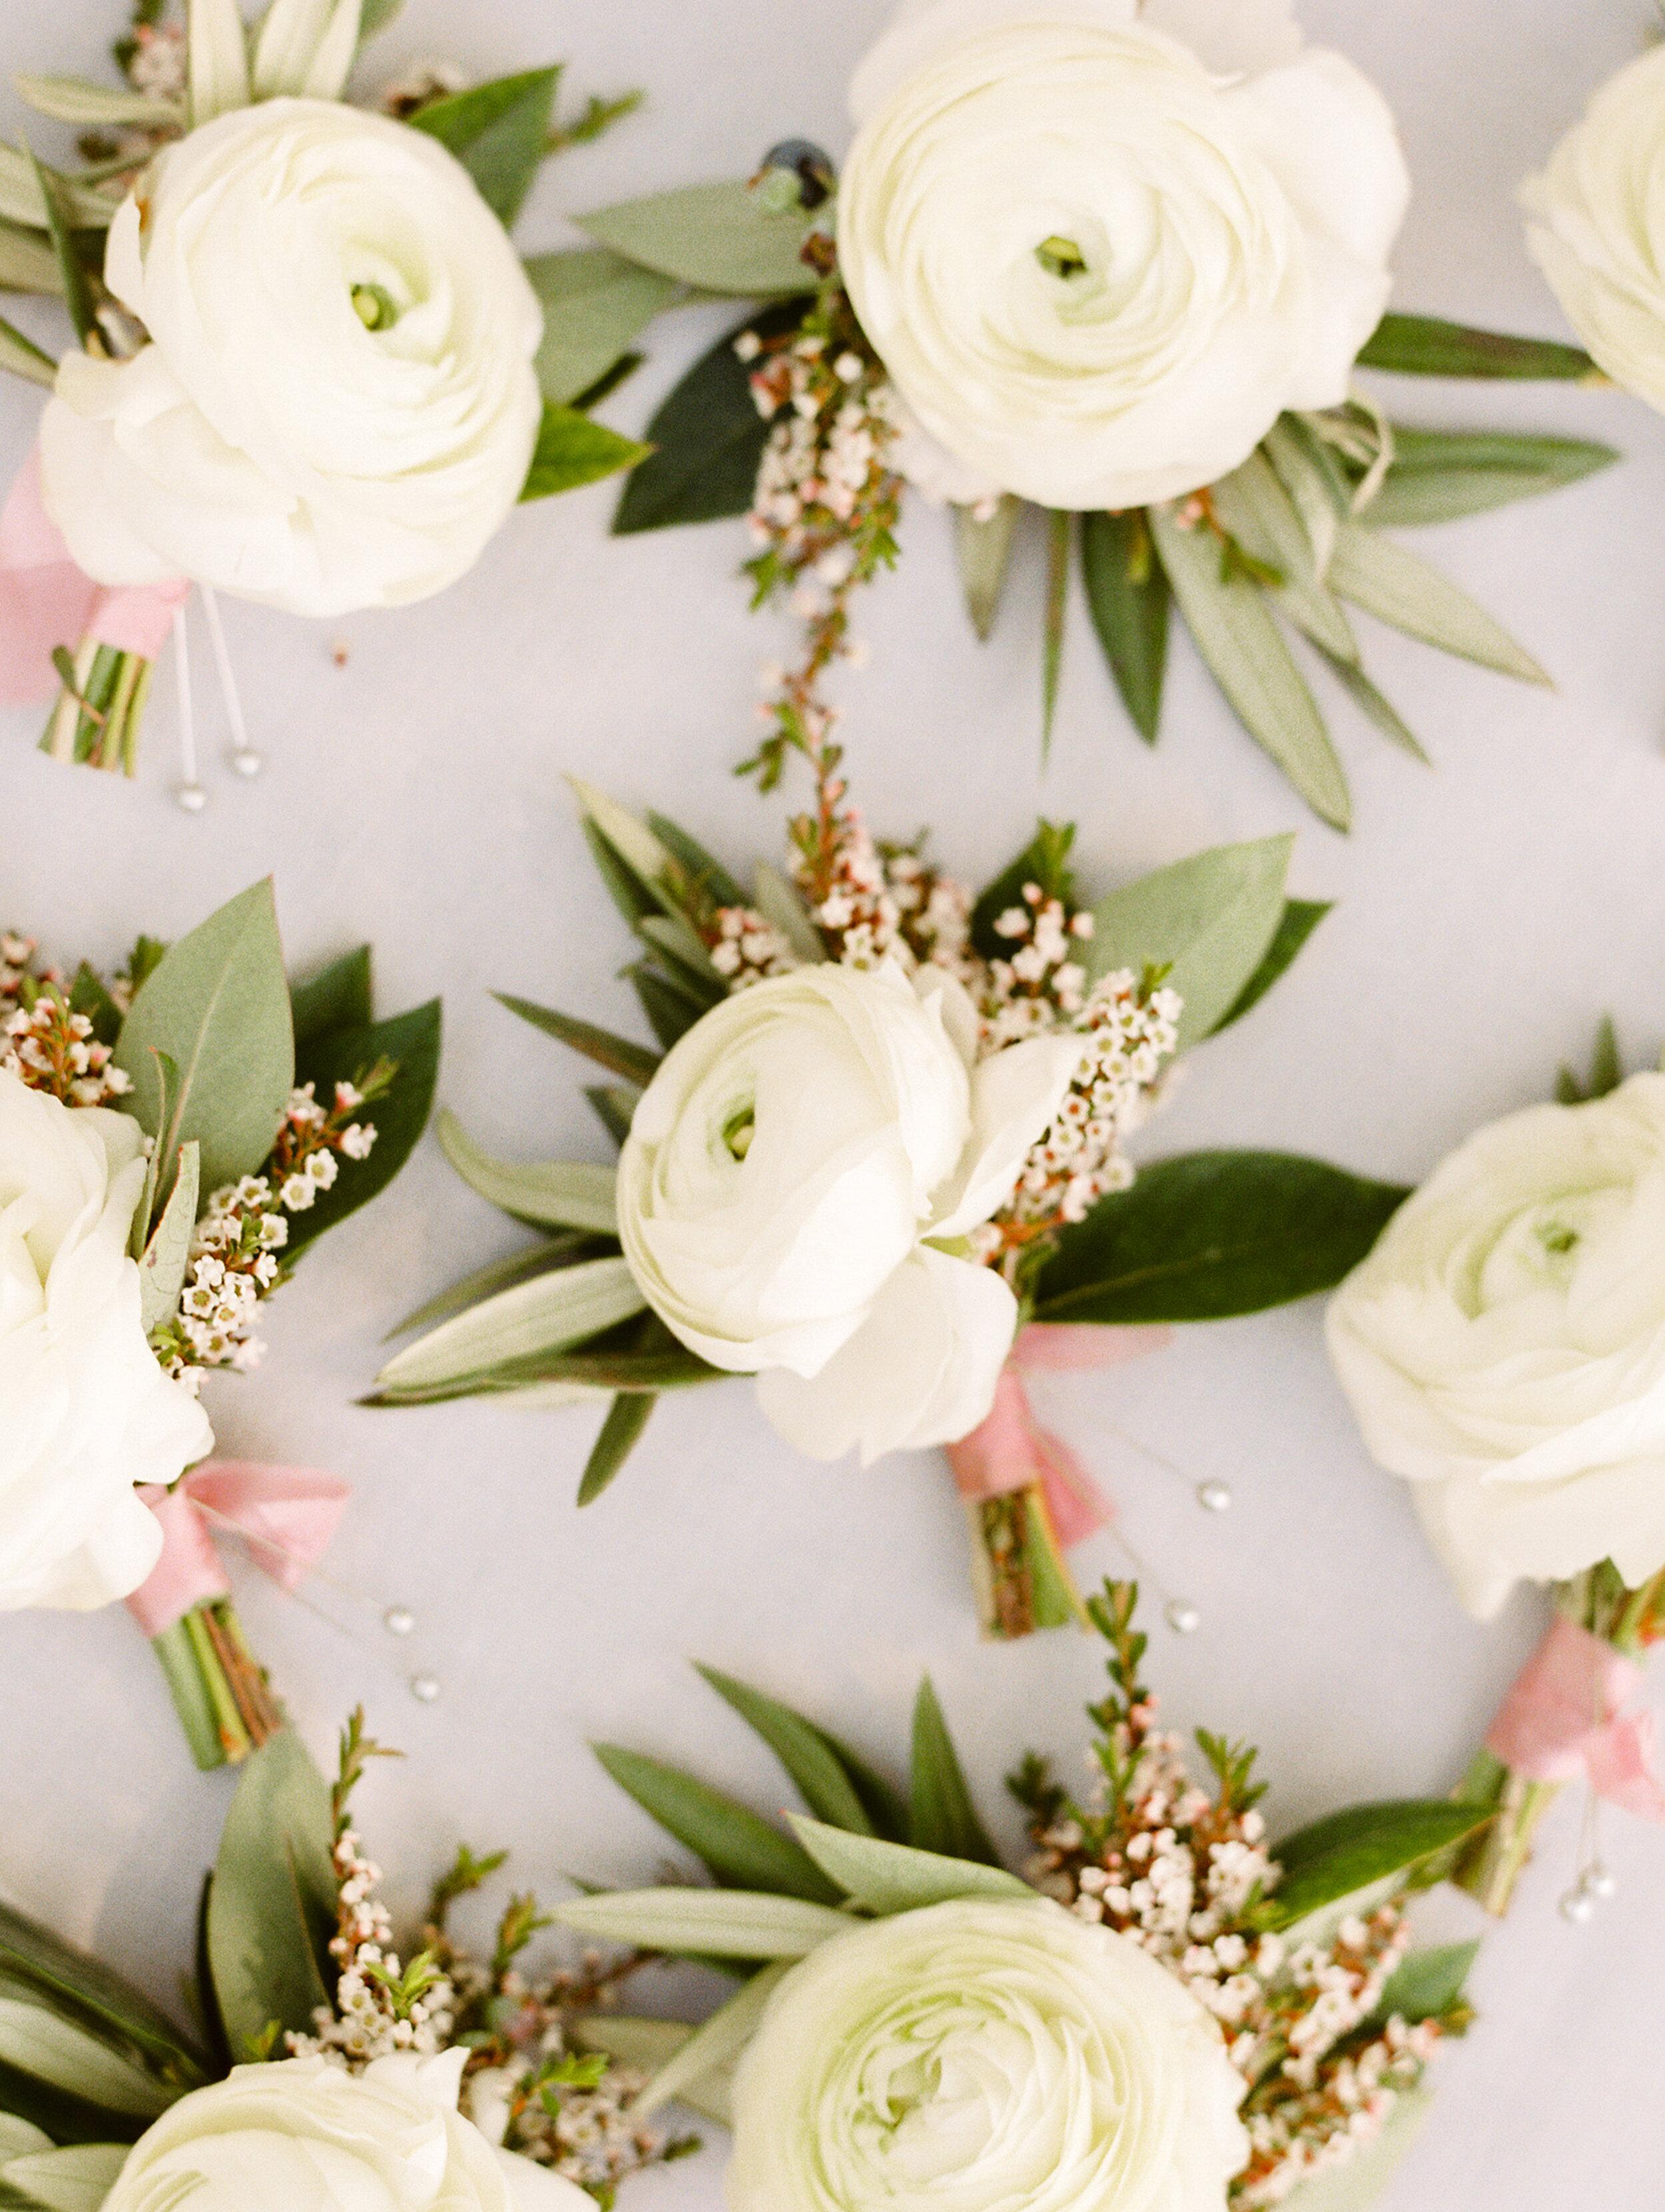 Steinlage+Wedding+Details-33.jpg